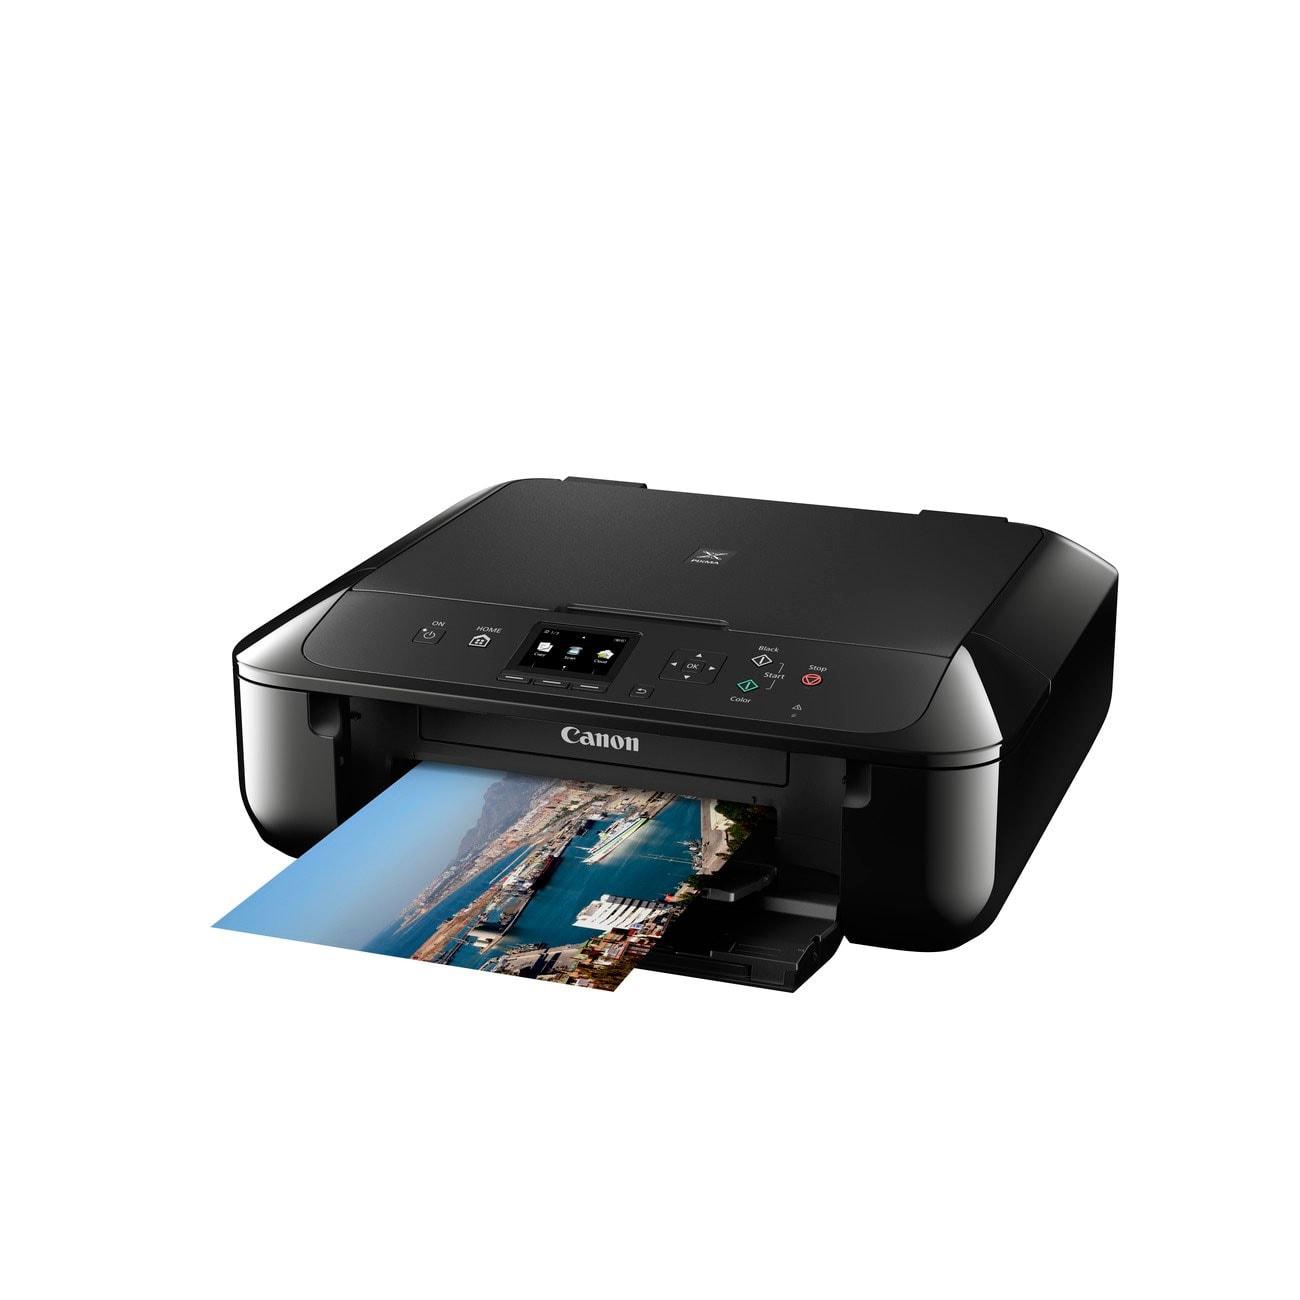 Canon PIXMA MG5750 Noire (0557C006) - Achat / Vente Imprimante Multifonction sur Cybertek.fr - 2